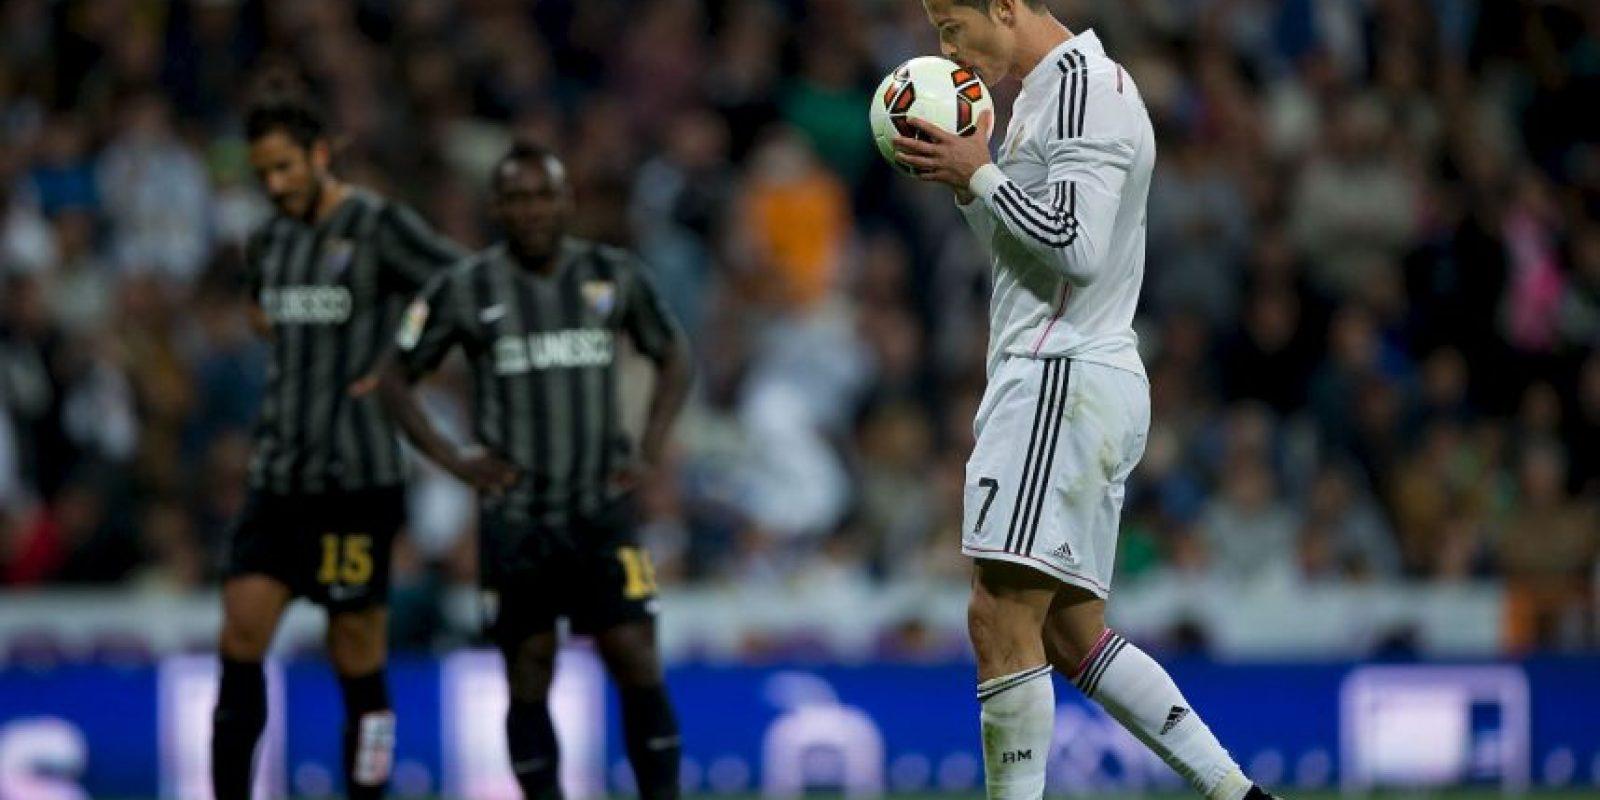 Muy atrás de Messi y Cristiano quedó Raúl González con 71 tantos, Ruud Van Nistelrooy con 56 y Thierry Henry con 50. Foto:Getty Images